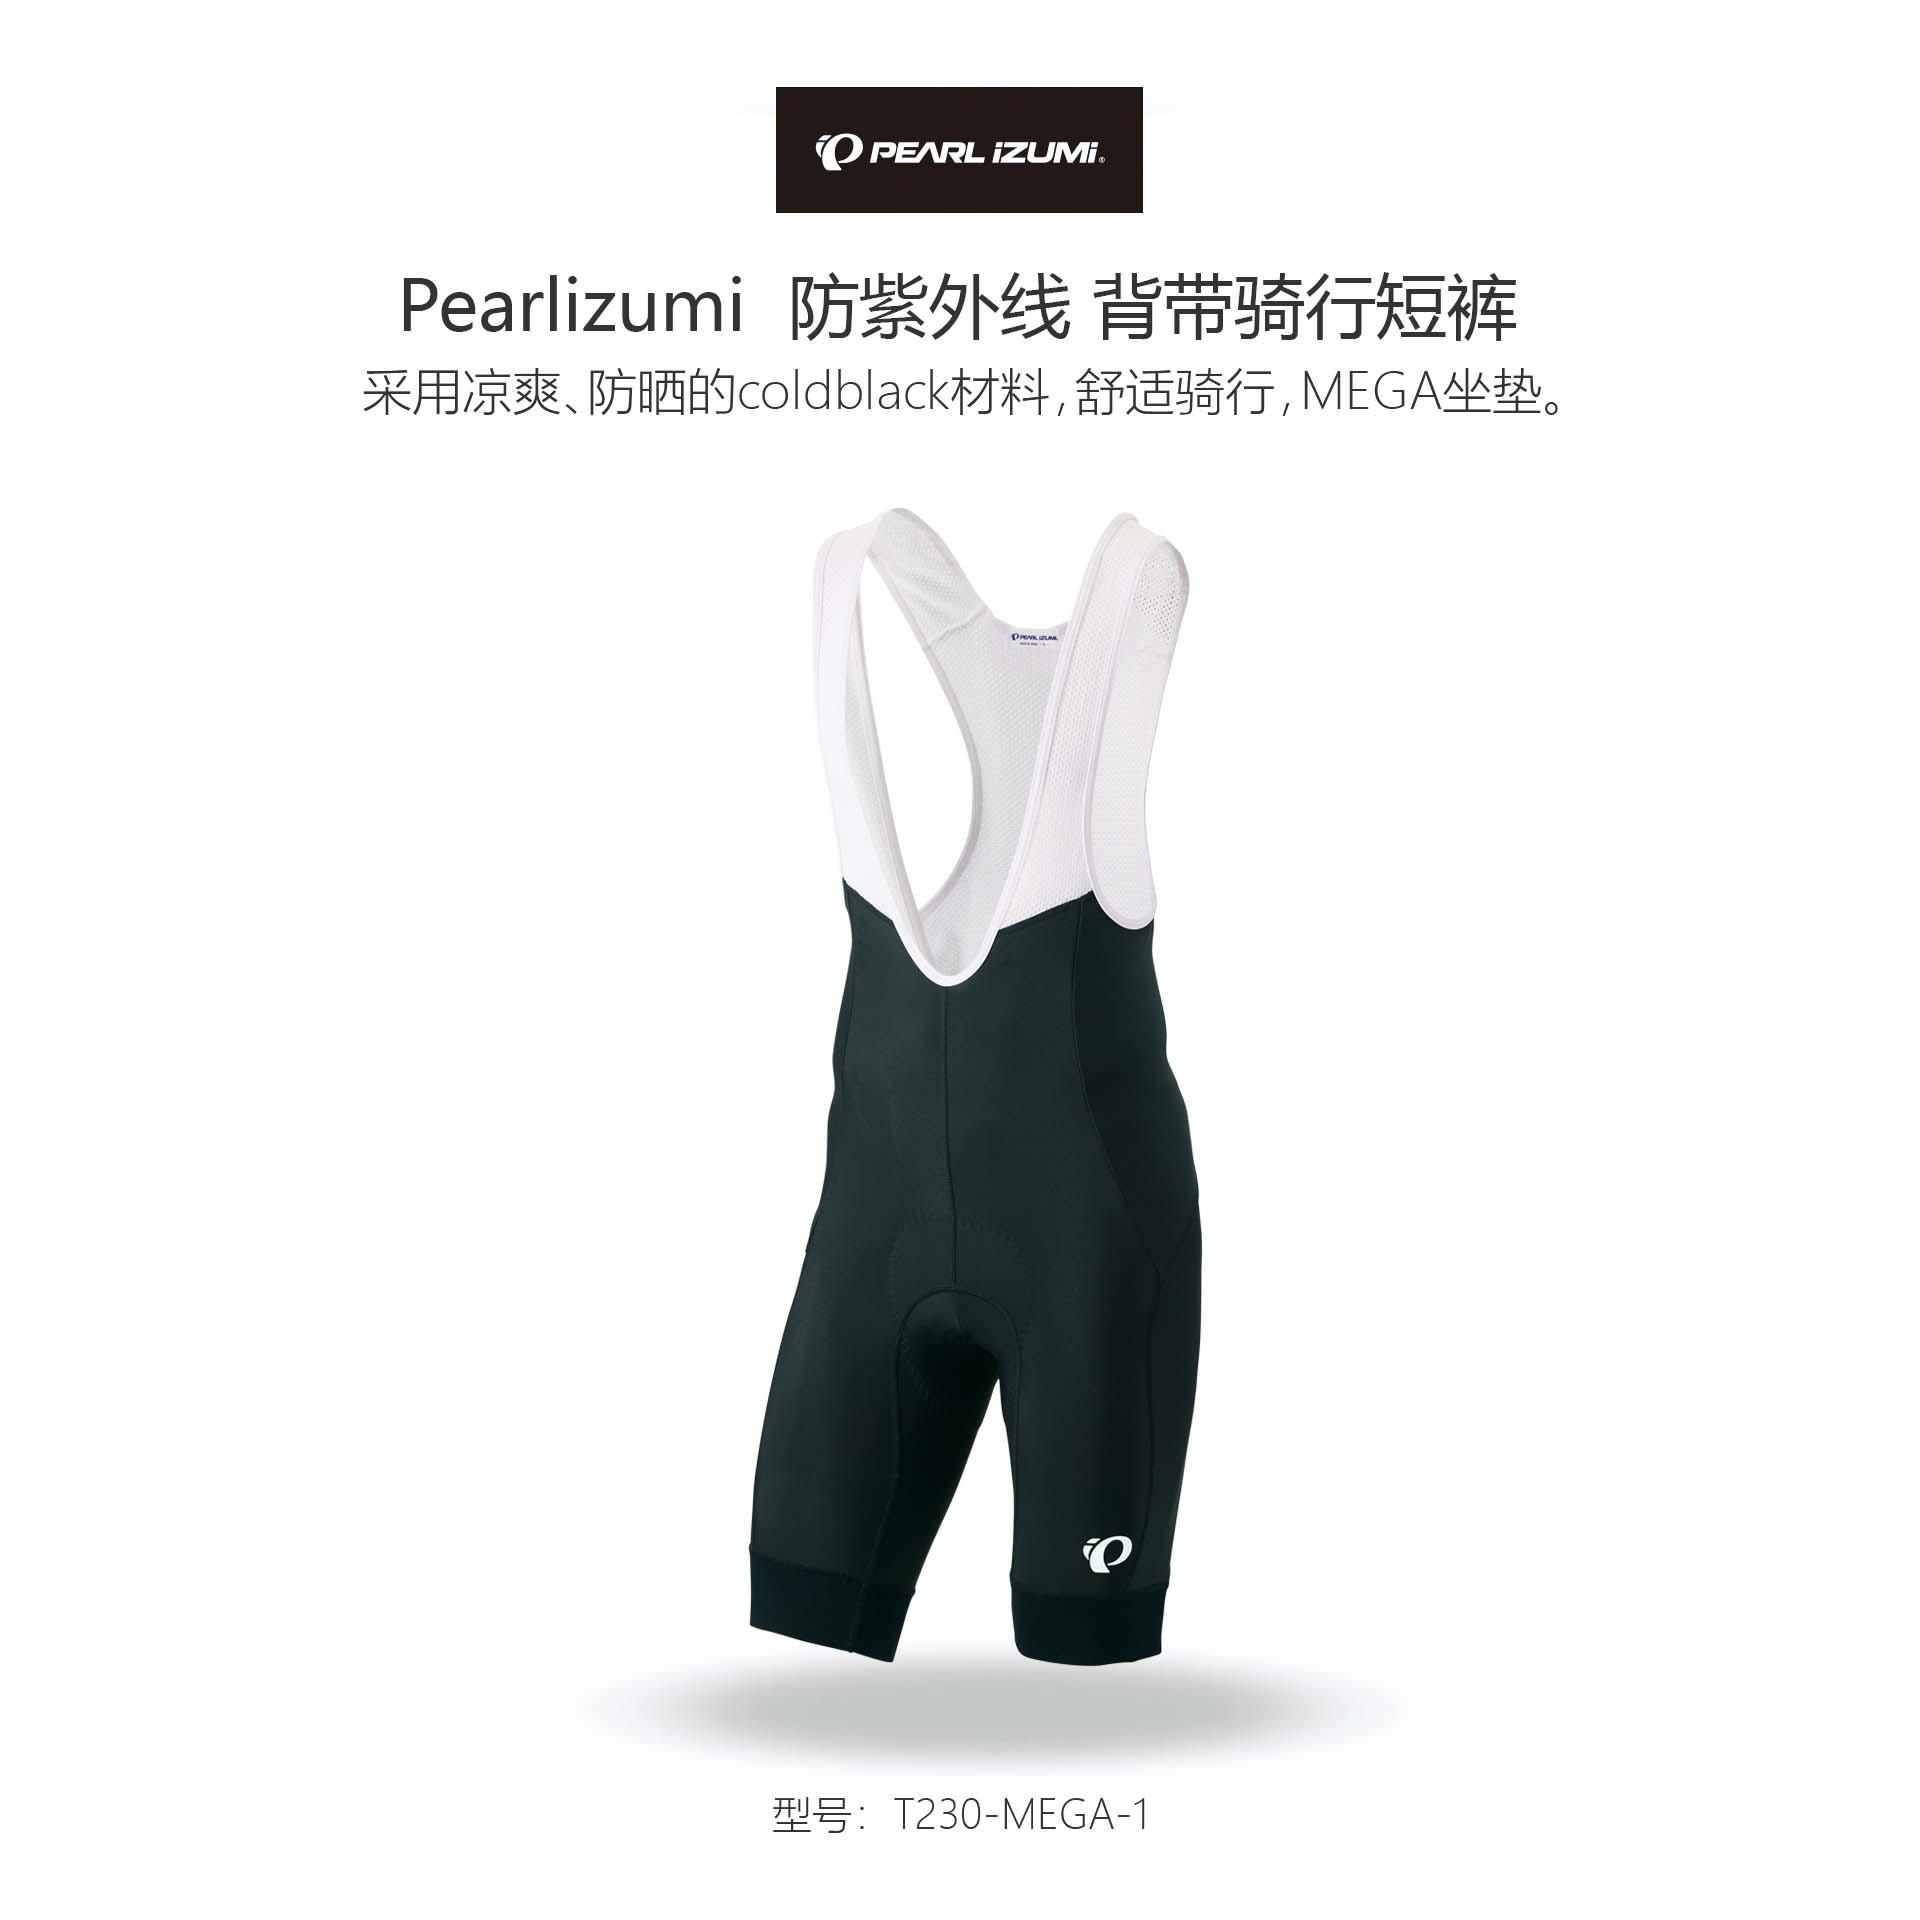 日本PEARLIZUMI一字米T230230MEGA背带夏季短裤骑行男士